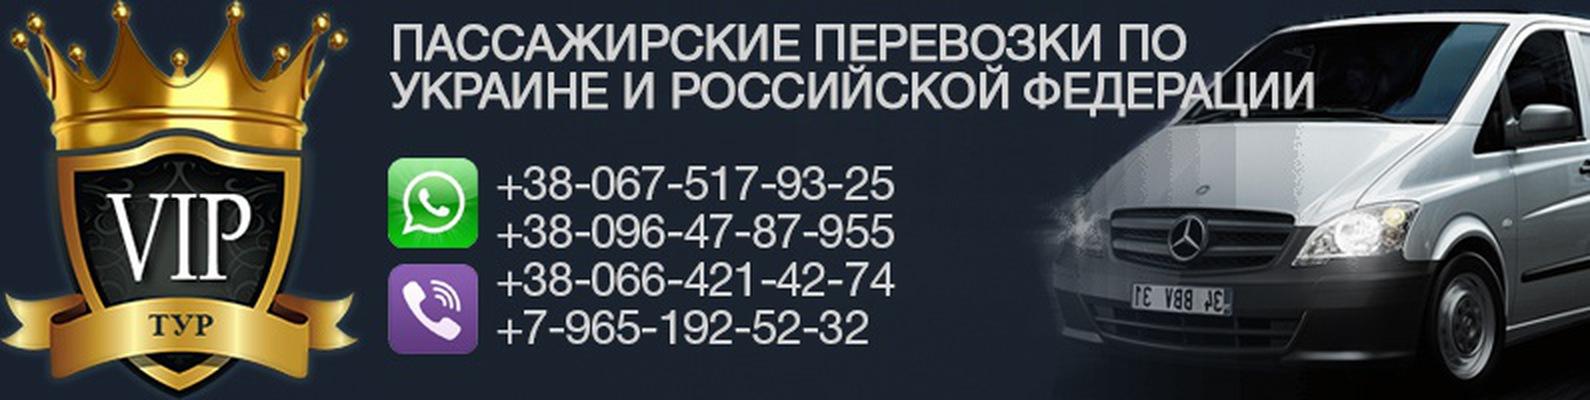 doosan спецтехника официальный сайт